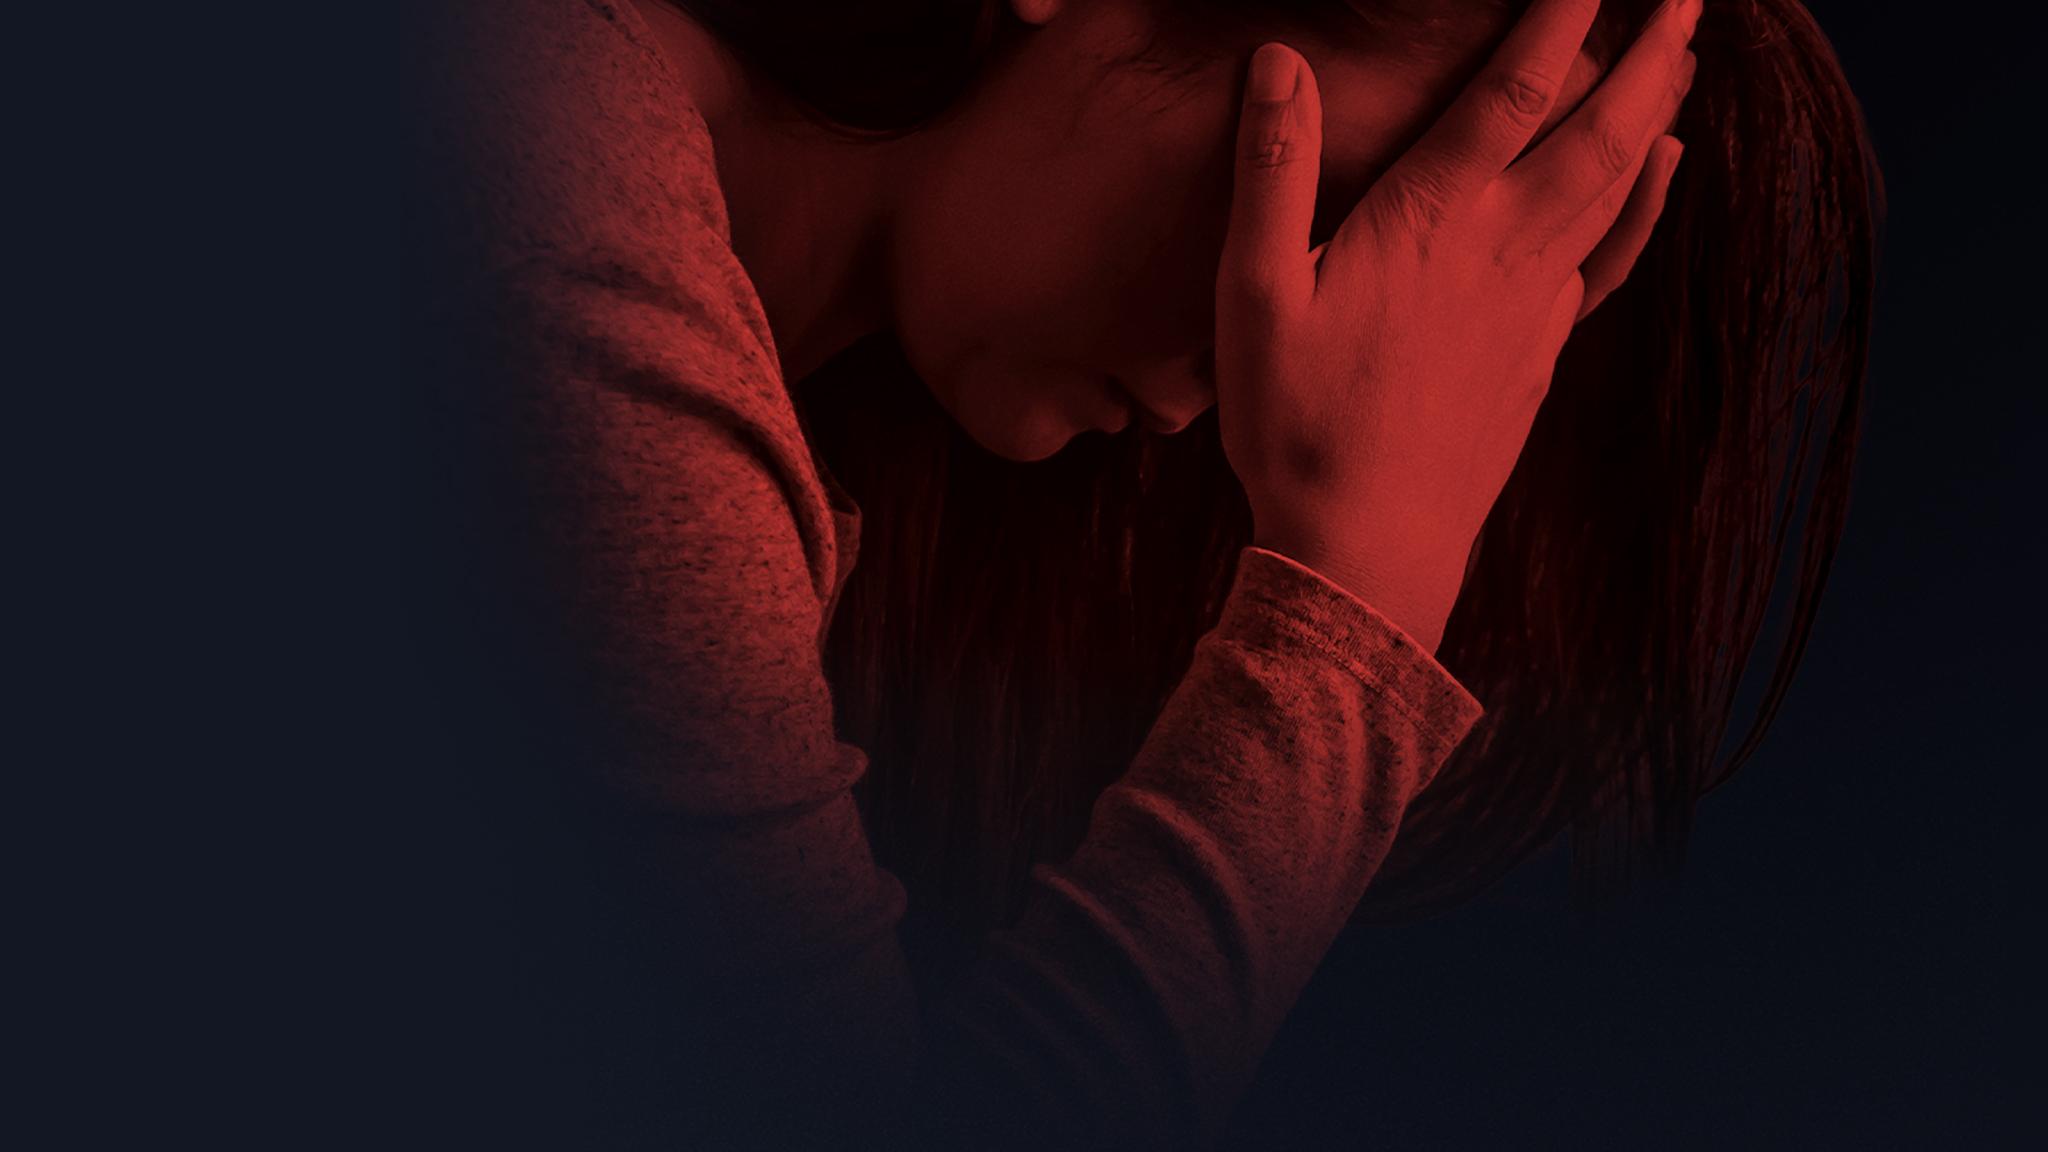 Voices Magnified: Mental Health Crisis Alt Image